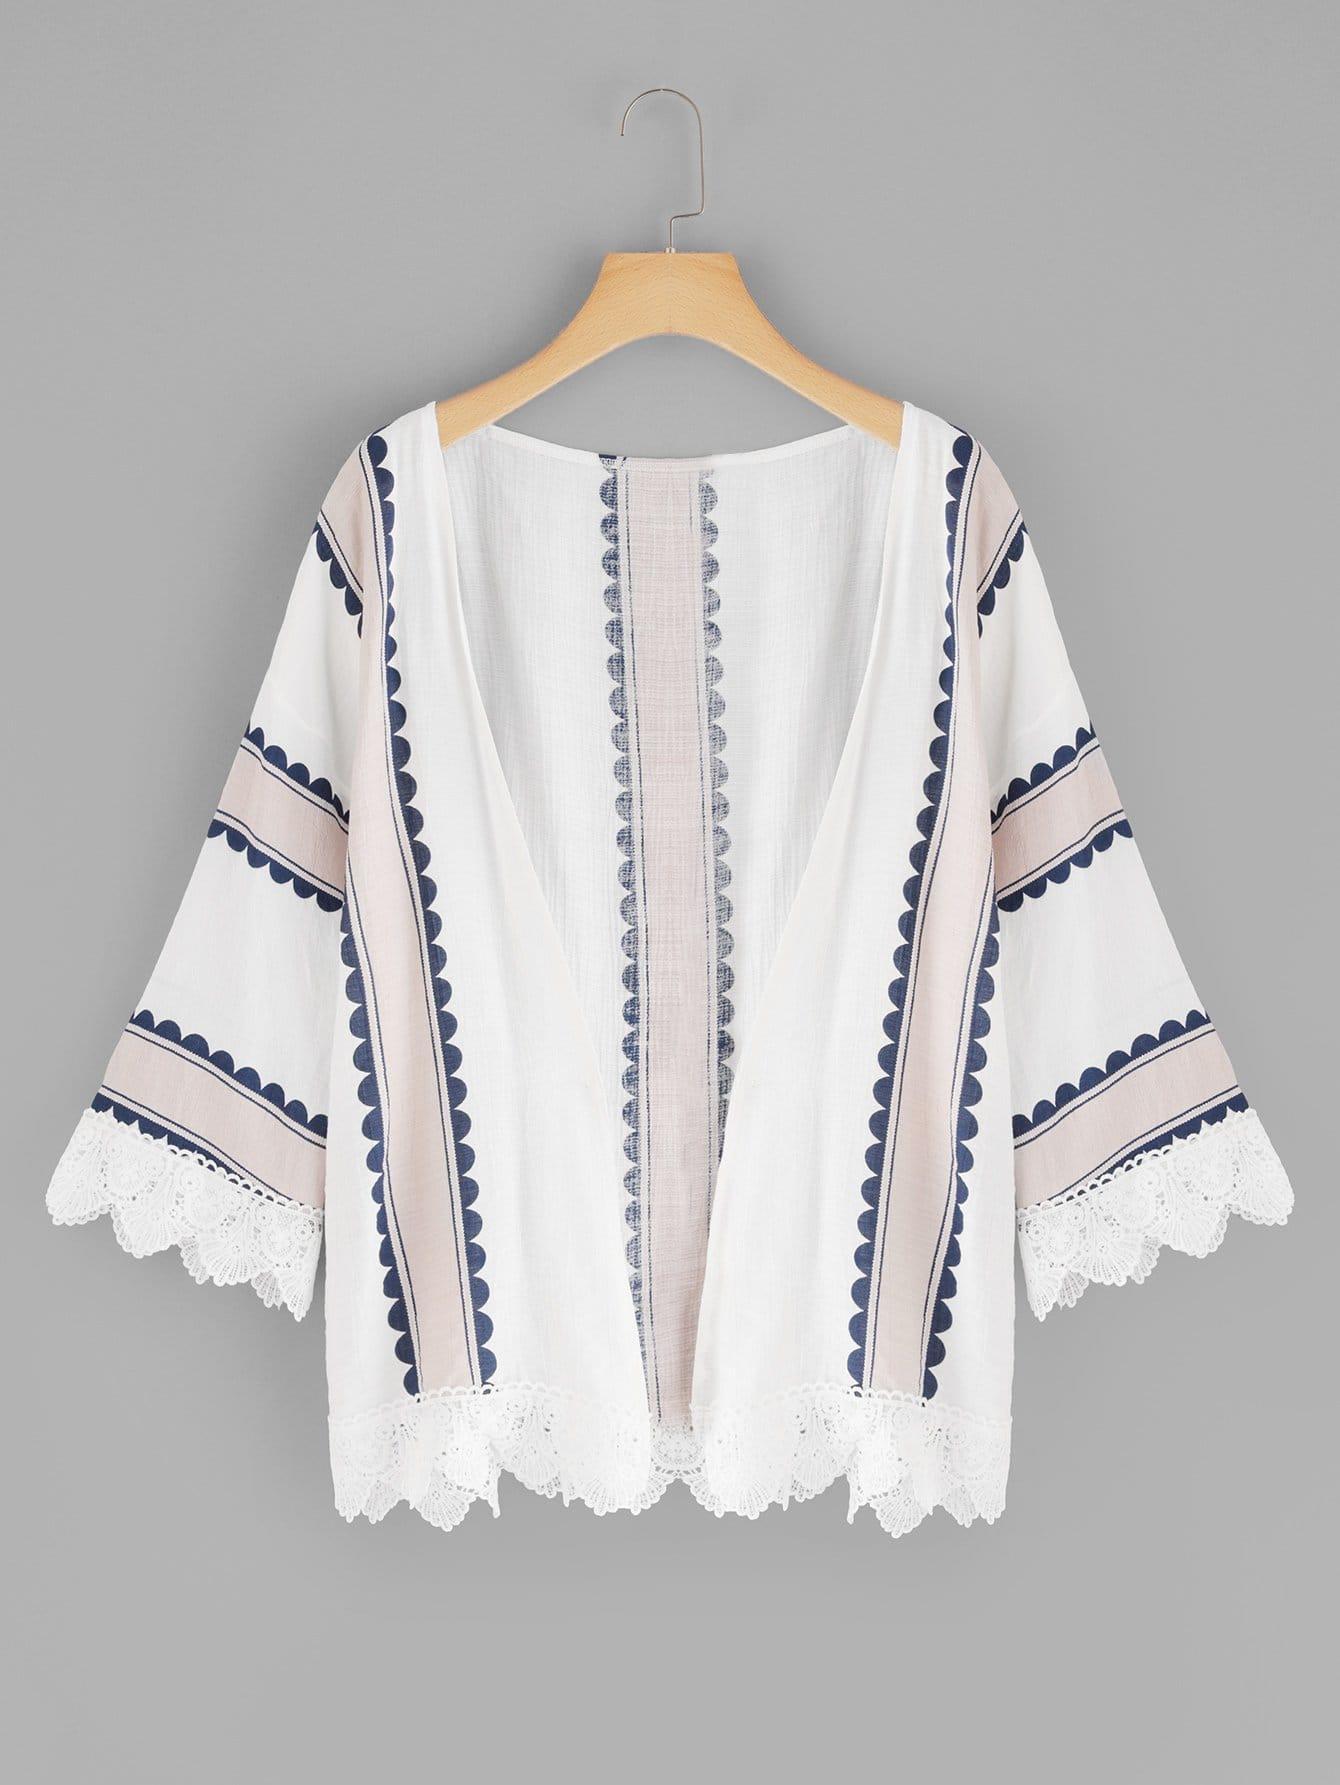 Купить Повседневный Полосатый кимоно Многоцветные Кимоно, null, SheIn